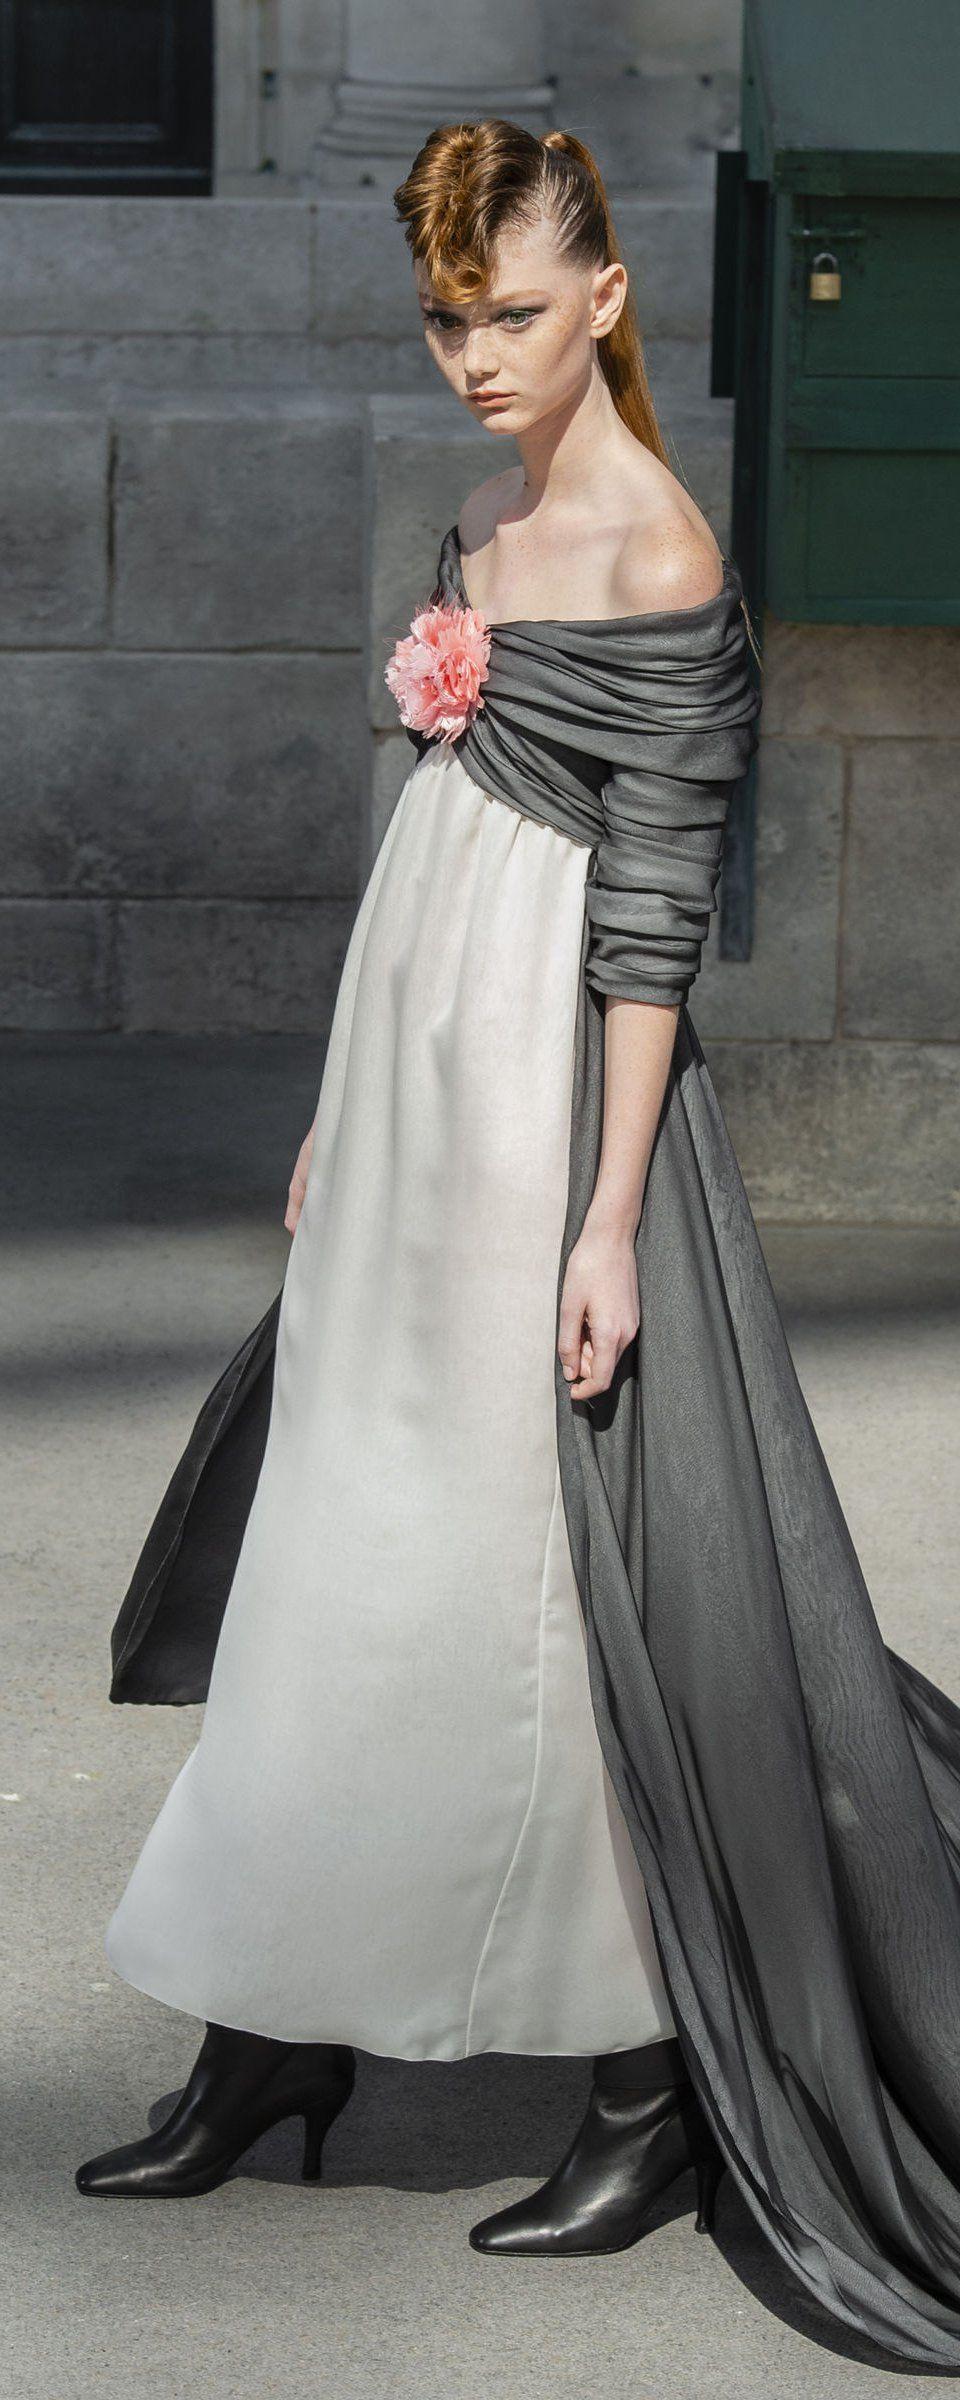 13 Schön Chanel Abendkleider GalerieDesigner Perfekt Chanel Abendkleider Vertrieb